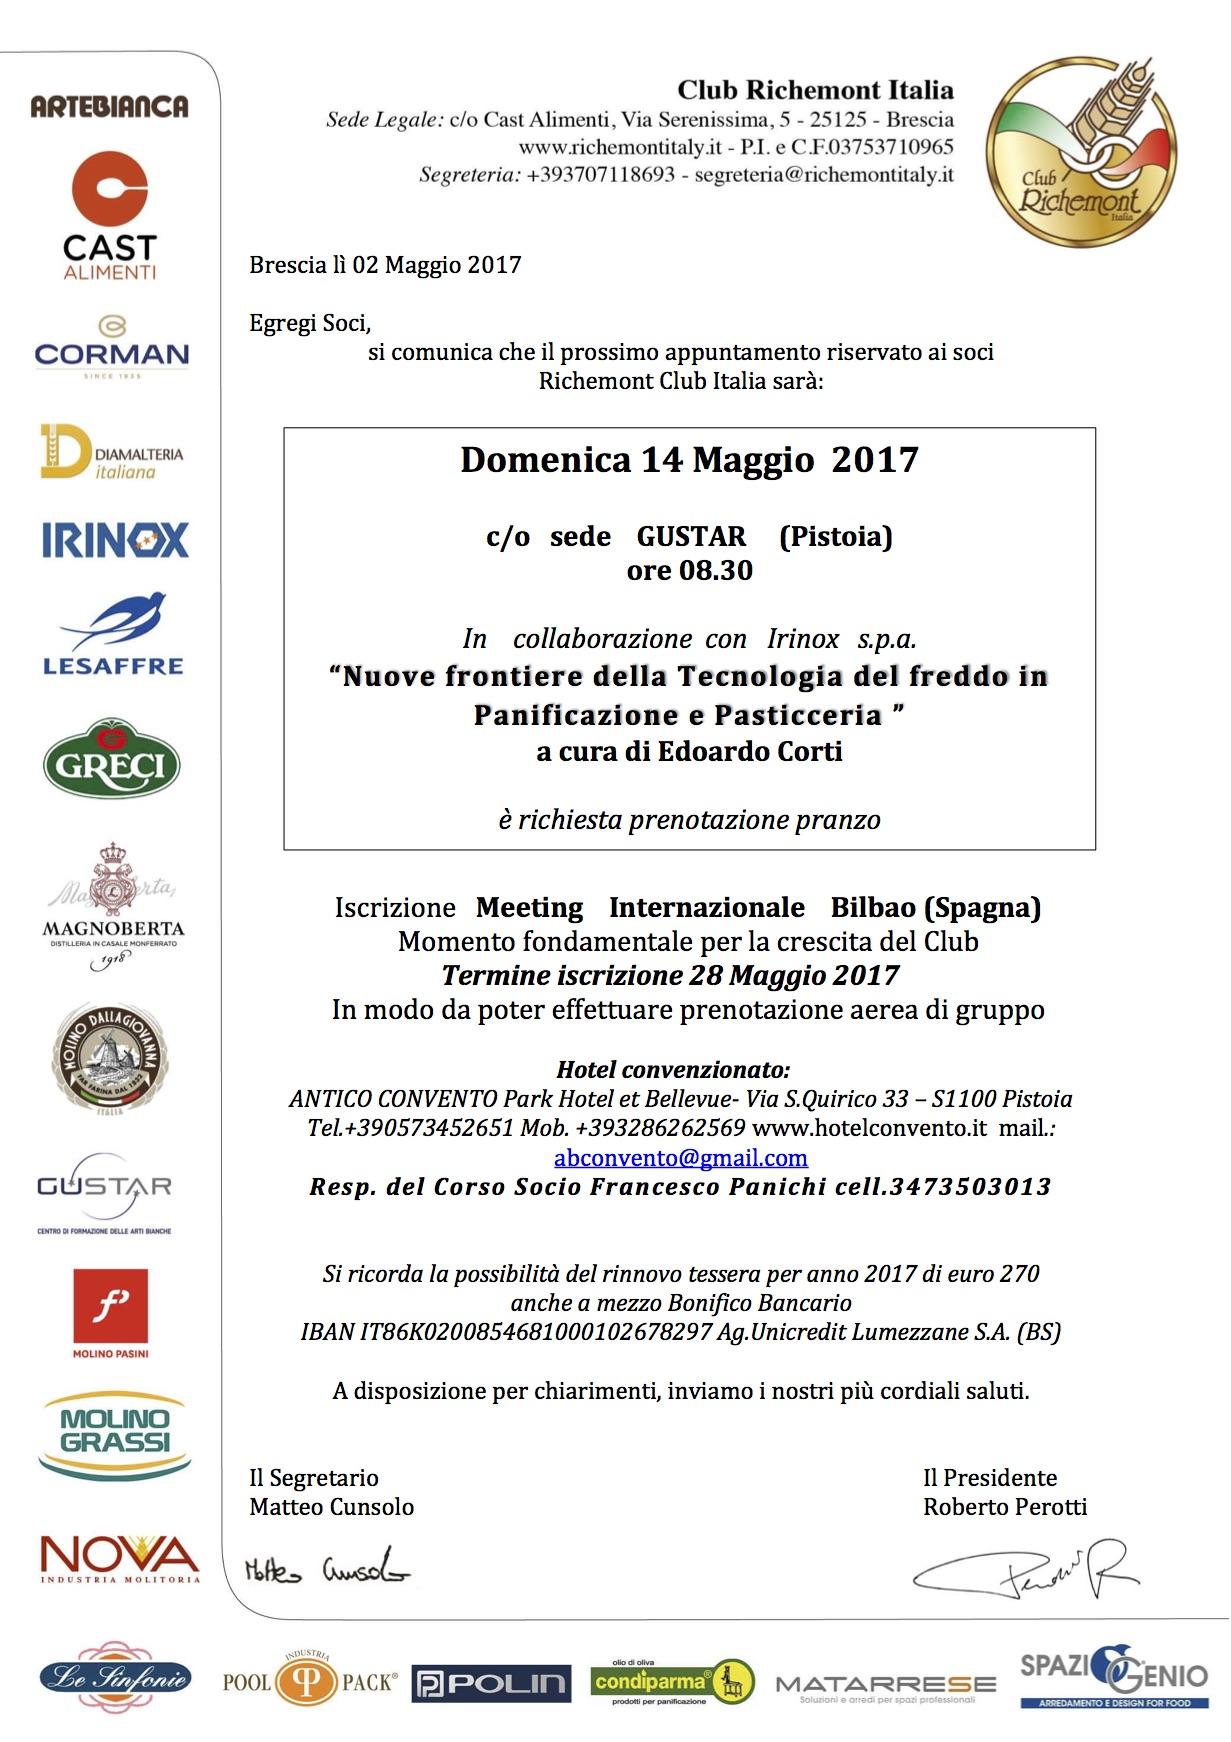 convocazione-sezione-centro-del-14-maggio-2017